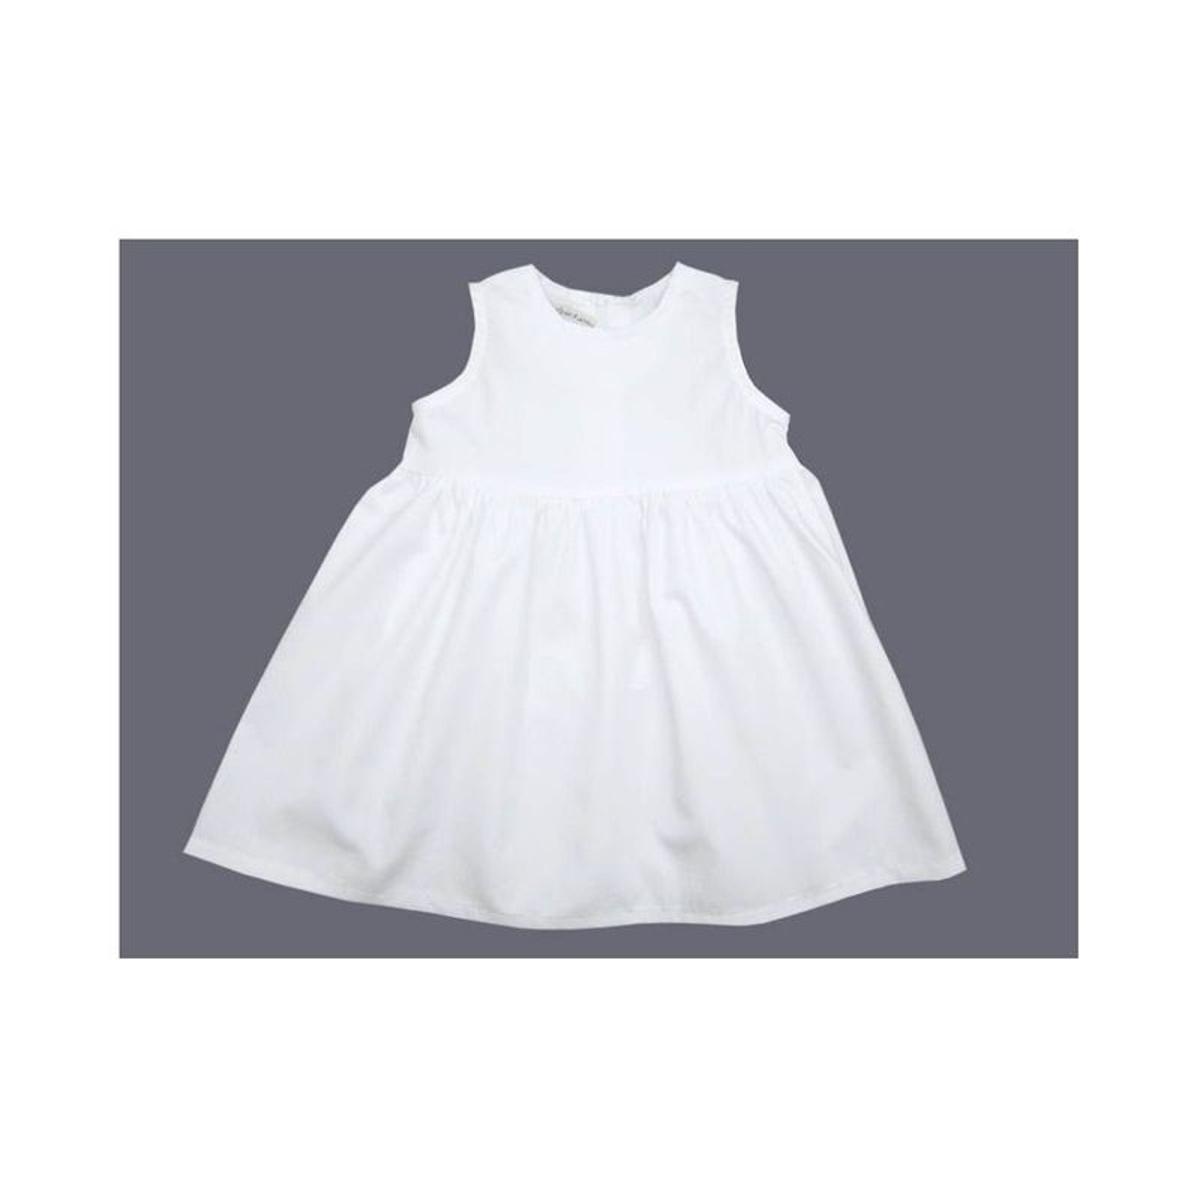 Tenue baptême fille, robe fille baptême blanche sans manches